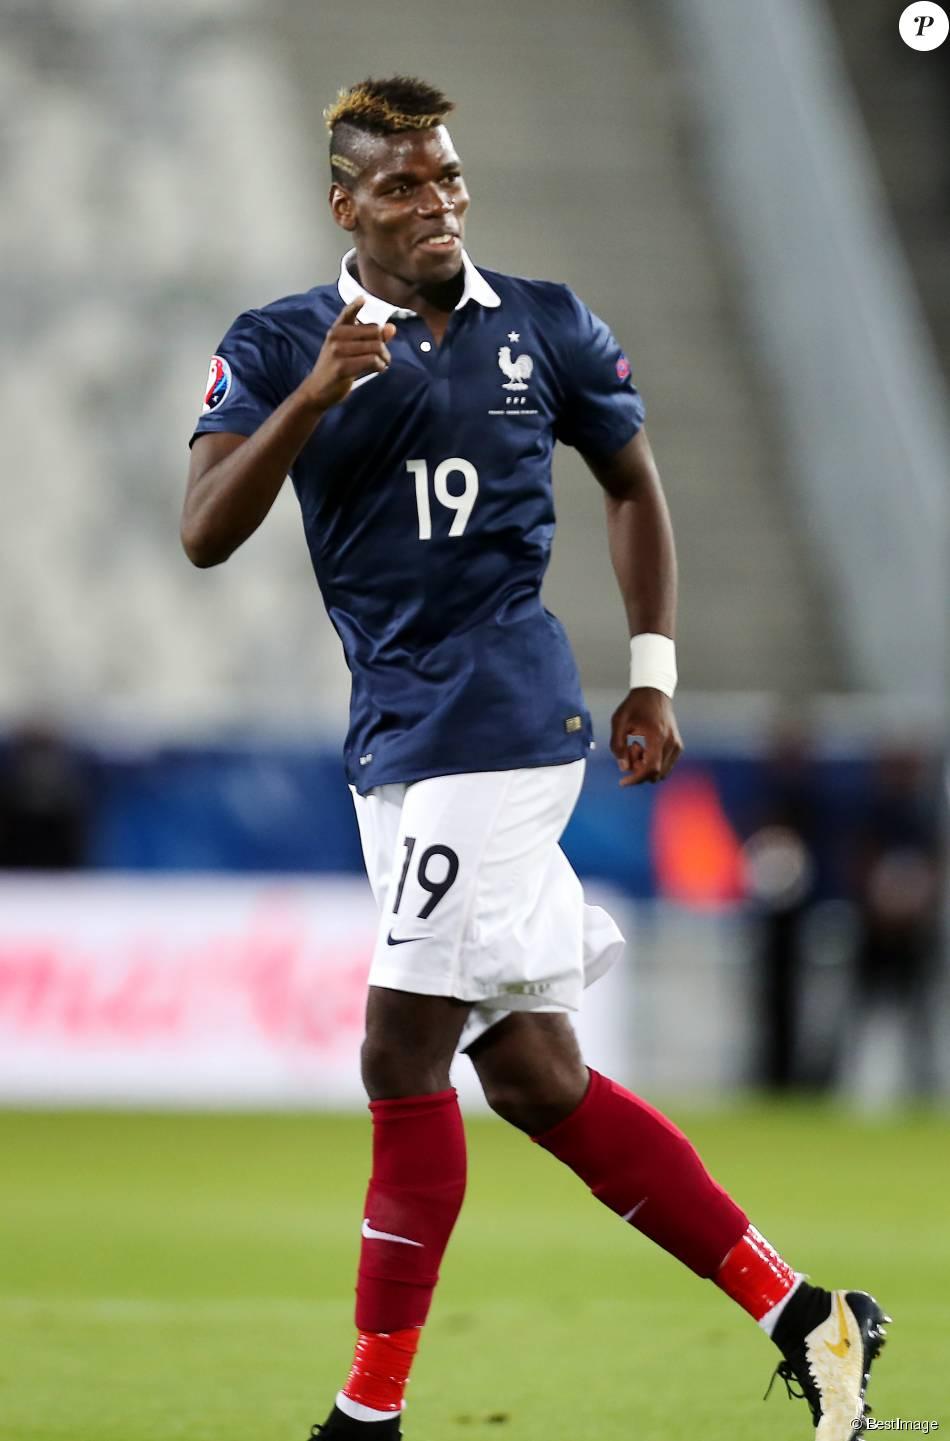 Paul Pogba lors de la rencontre amicale France-Serbie au Grand Stade de Bordeaux le 7 septembre 2015.